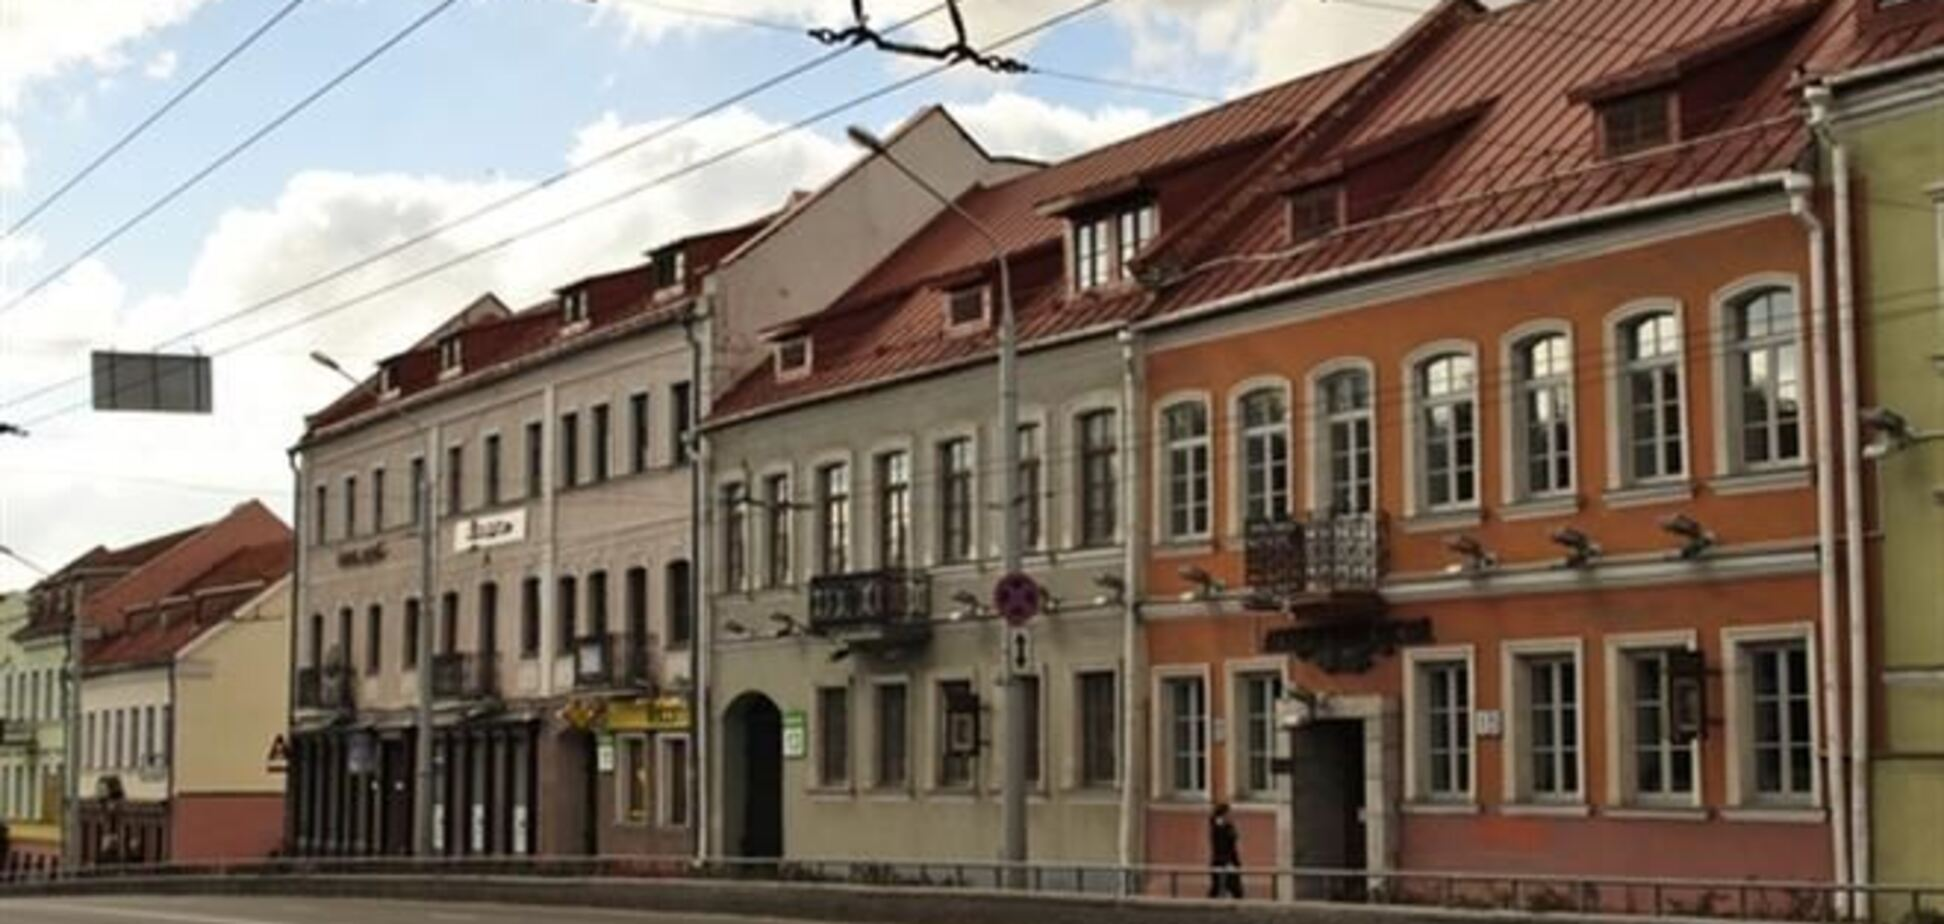 Эксперты прогнозируют падение цен на недвижимость в Белоруссии